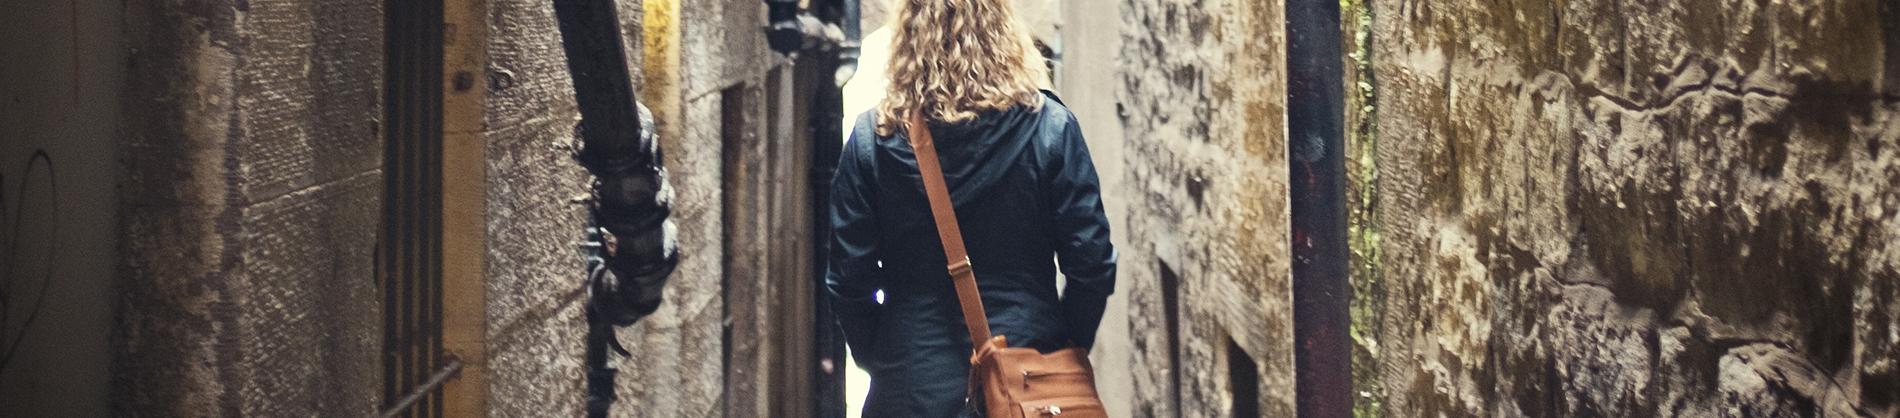 A women walking through an alley way